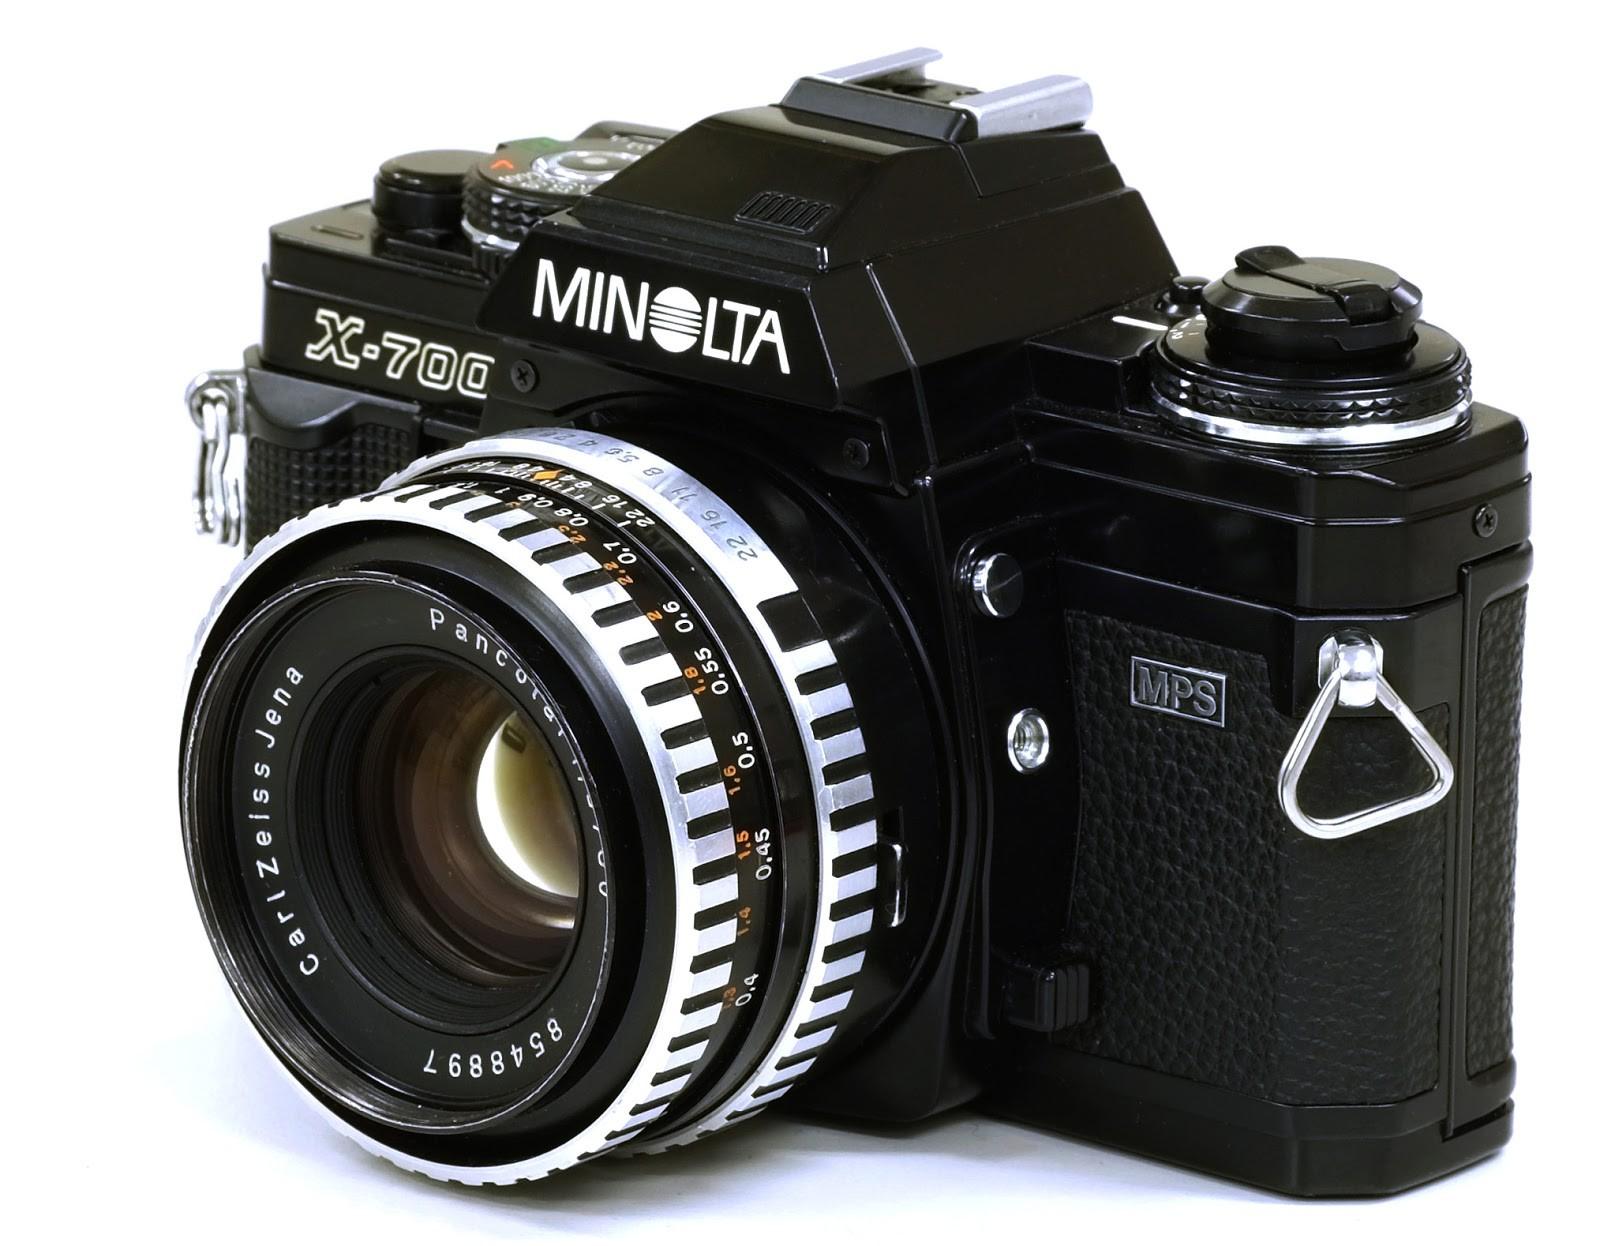 卡尔·蔡司 Carl zeiss  Jena Pancolar 50mm F1.8(M42)rev.2镜头测试及样片